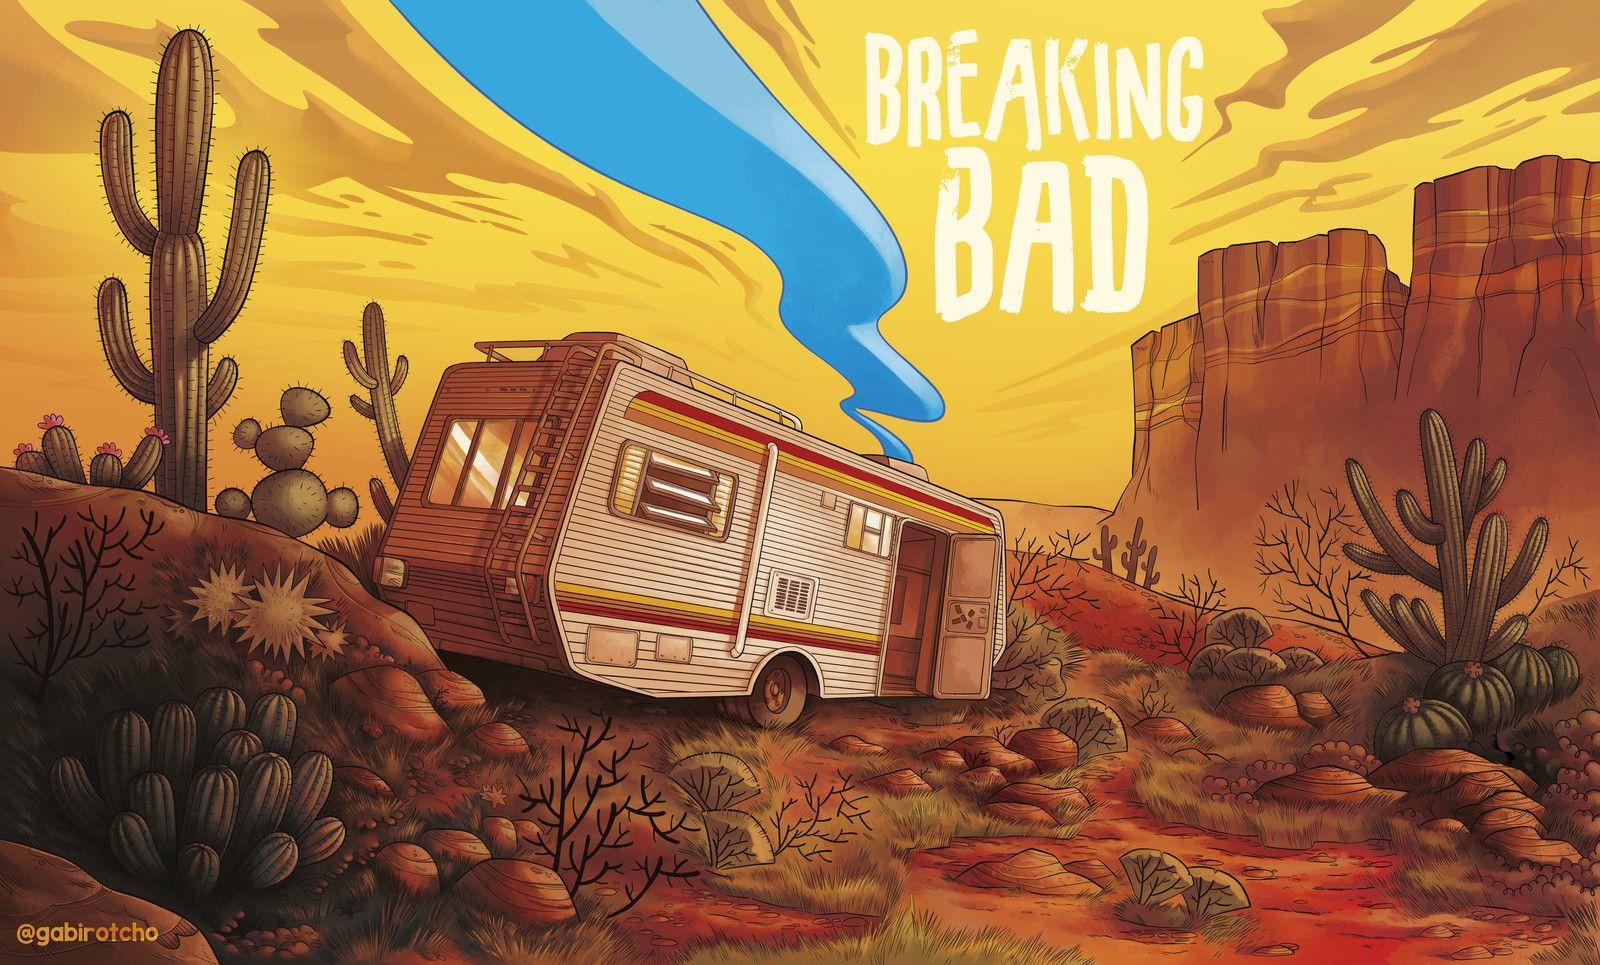 Breaking Bad Gabirotcho On Artstation At Https Www Artstation Com Artwork Lpqvl Breaking Bad Art Breaking Bad Poster Breaking Bad